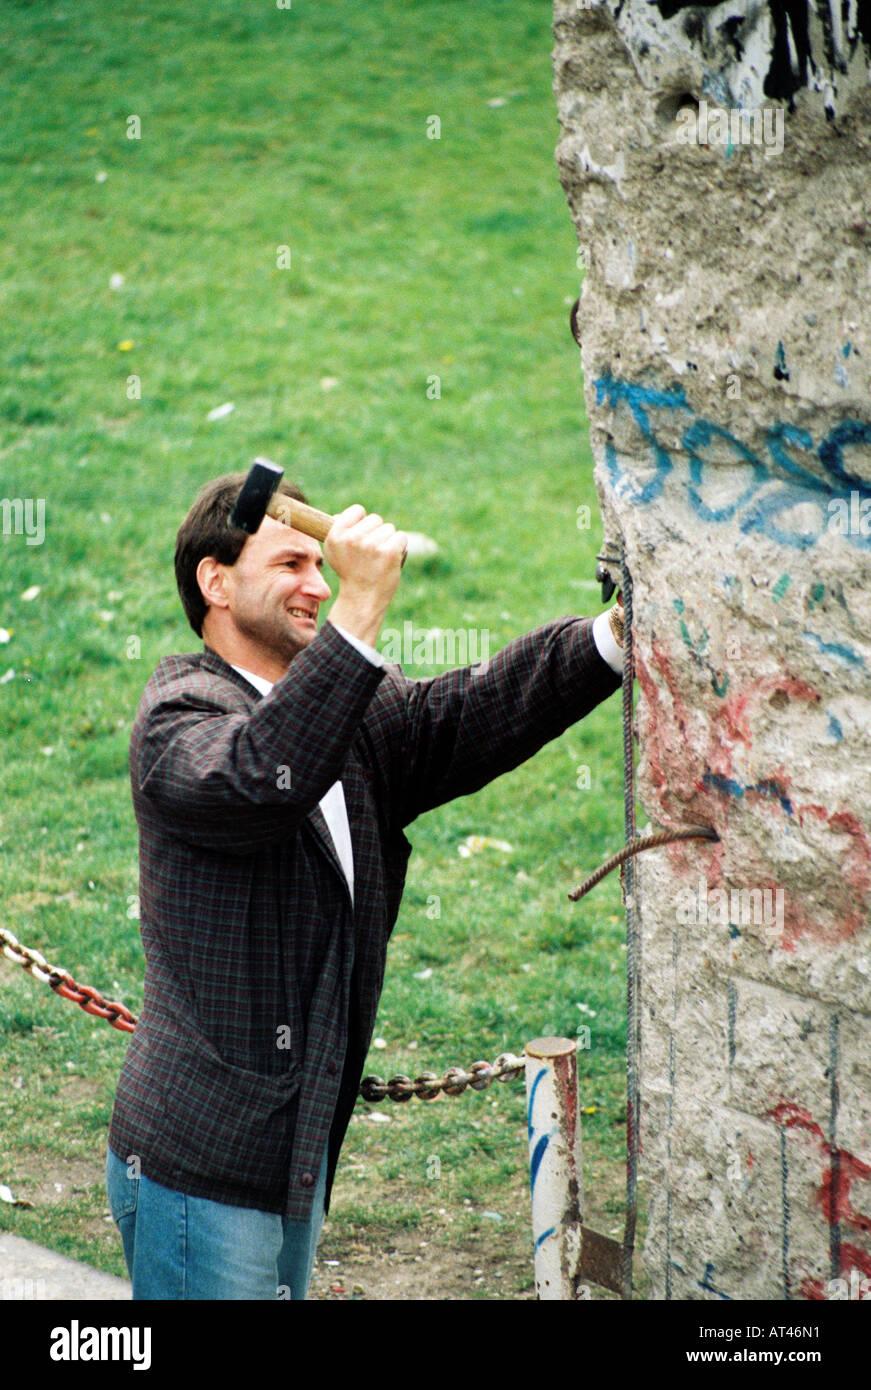 La chute du mur de Berlin, 1989. Un souvenir hunter coupe morceaux du mur. Photo Stock